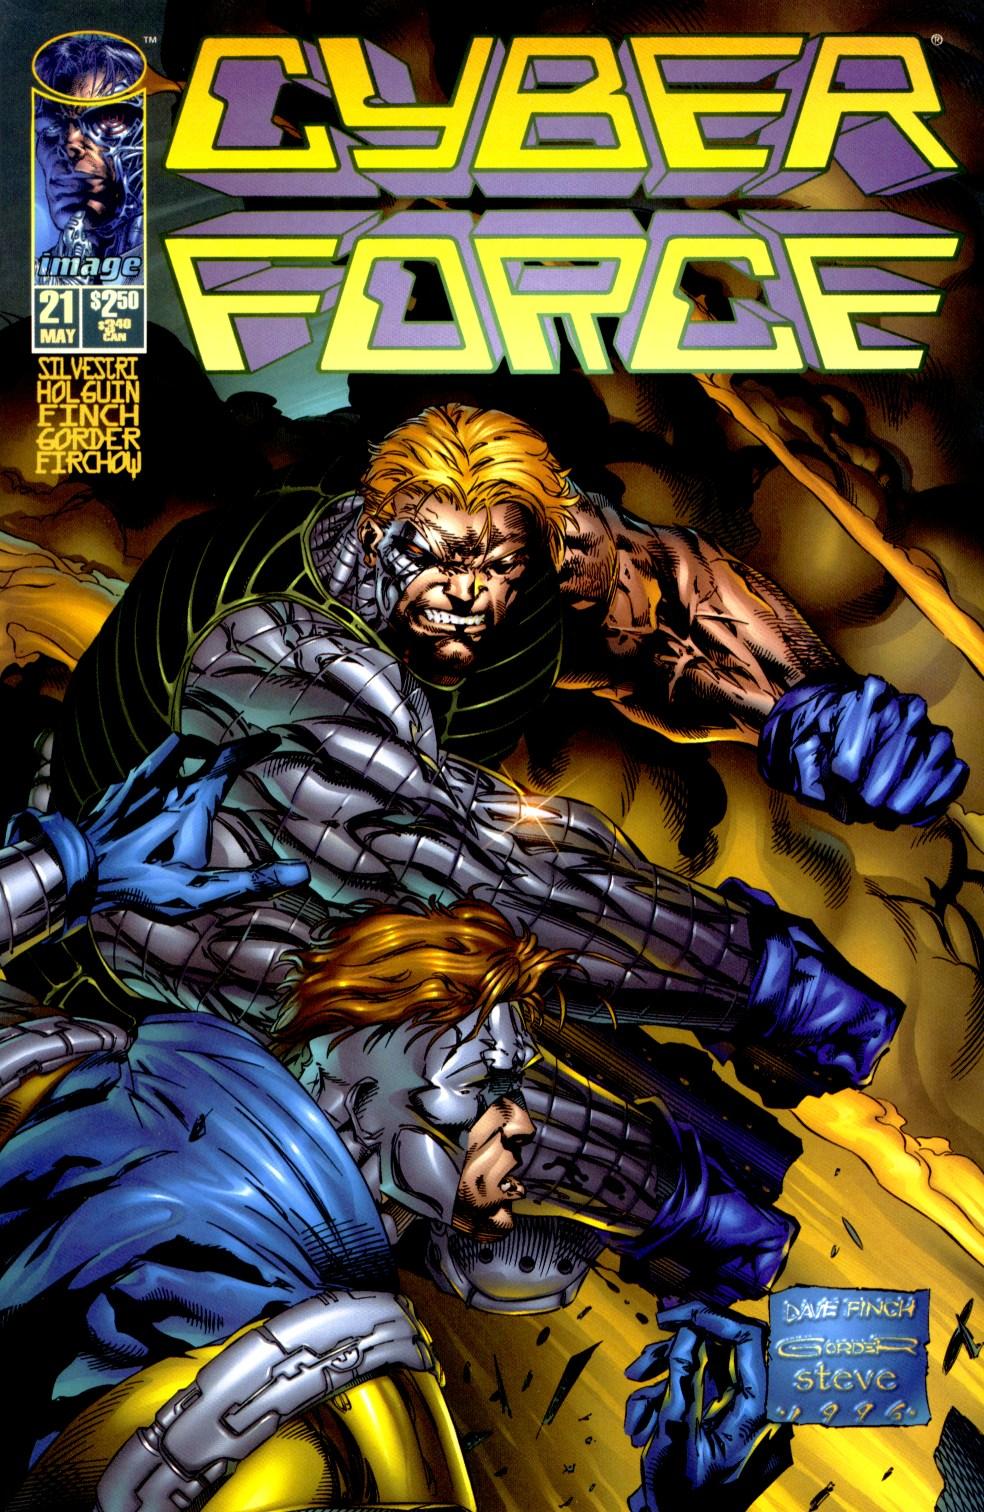 Cyberforce (1993) 21 Page 1